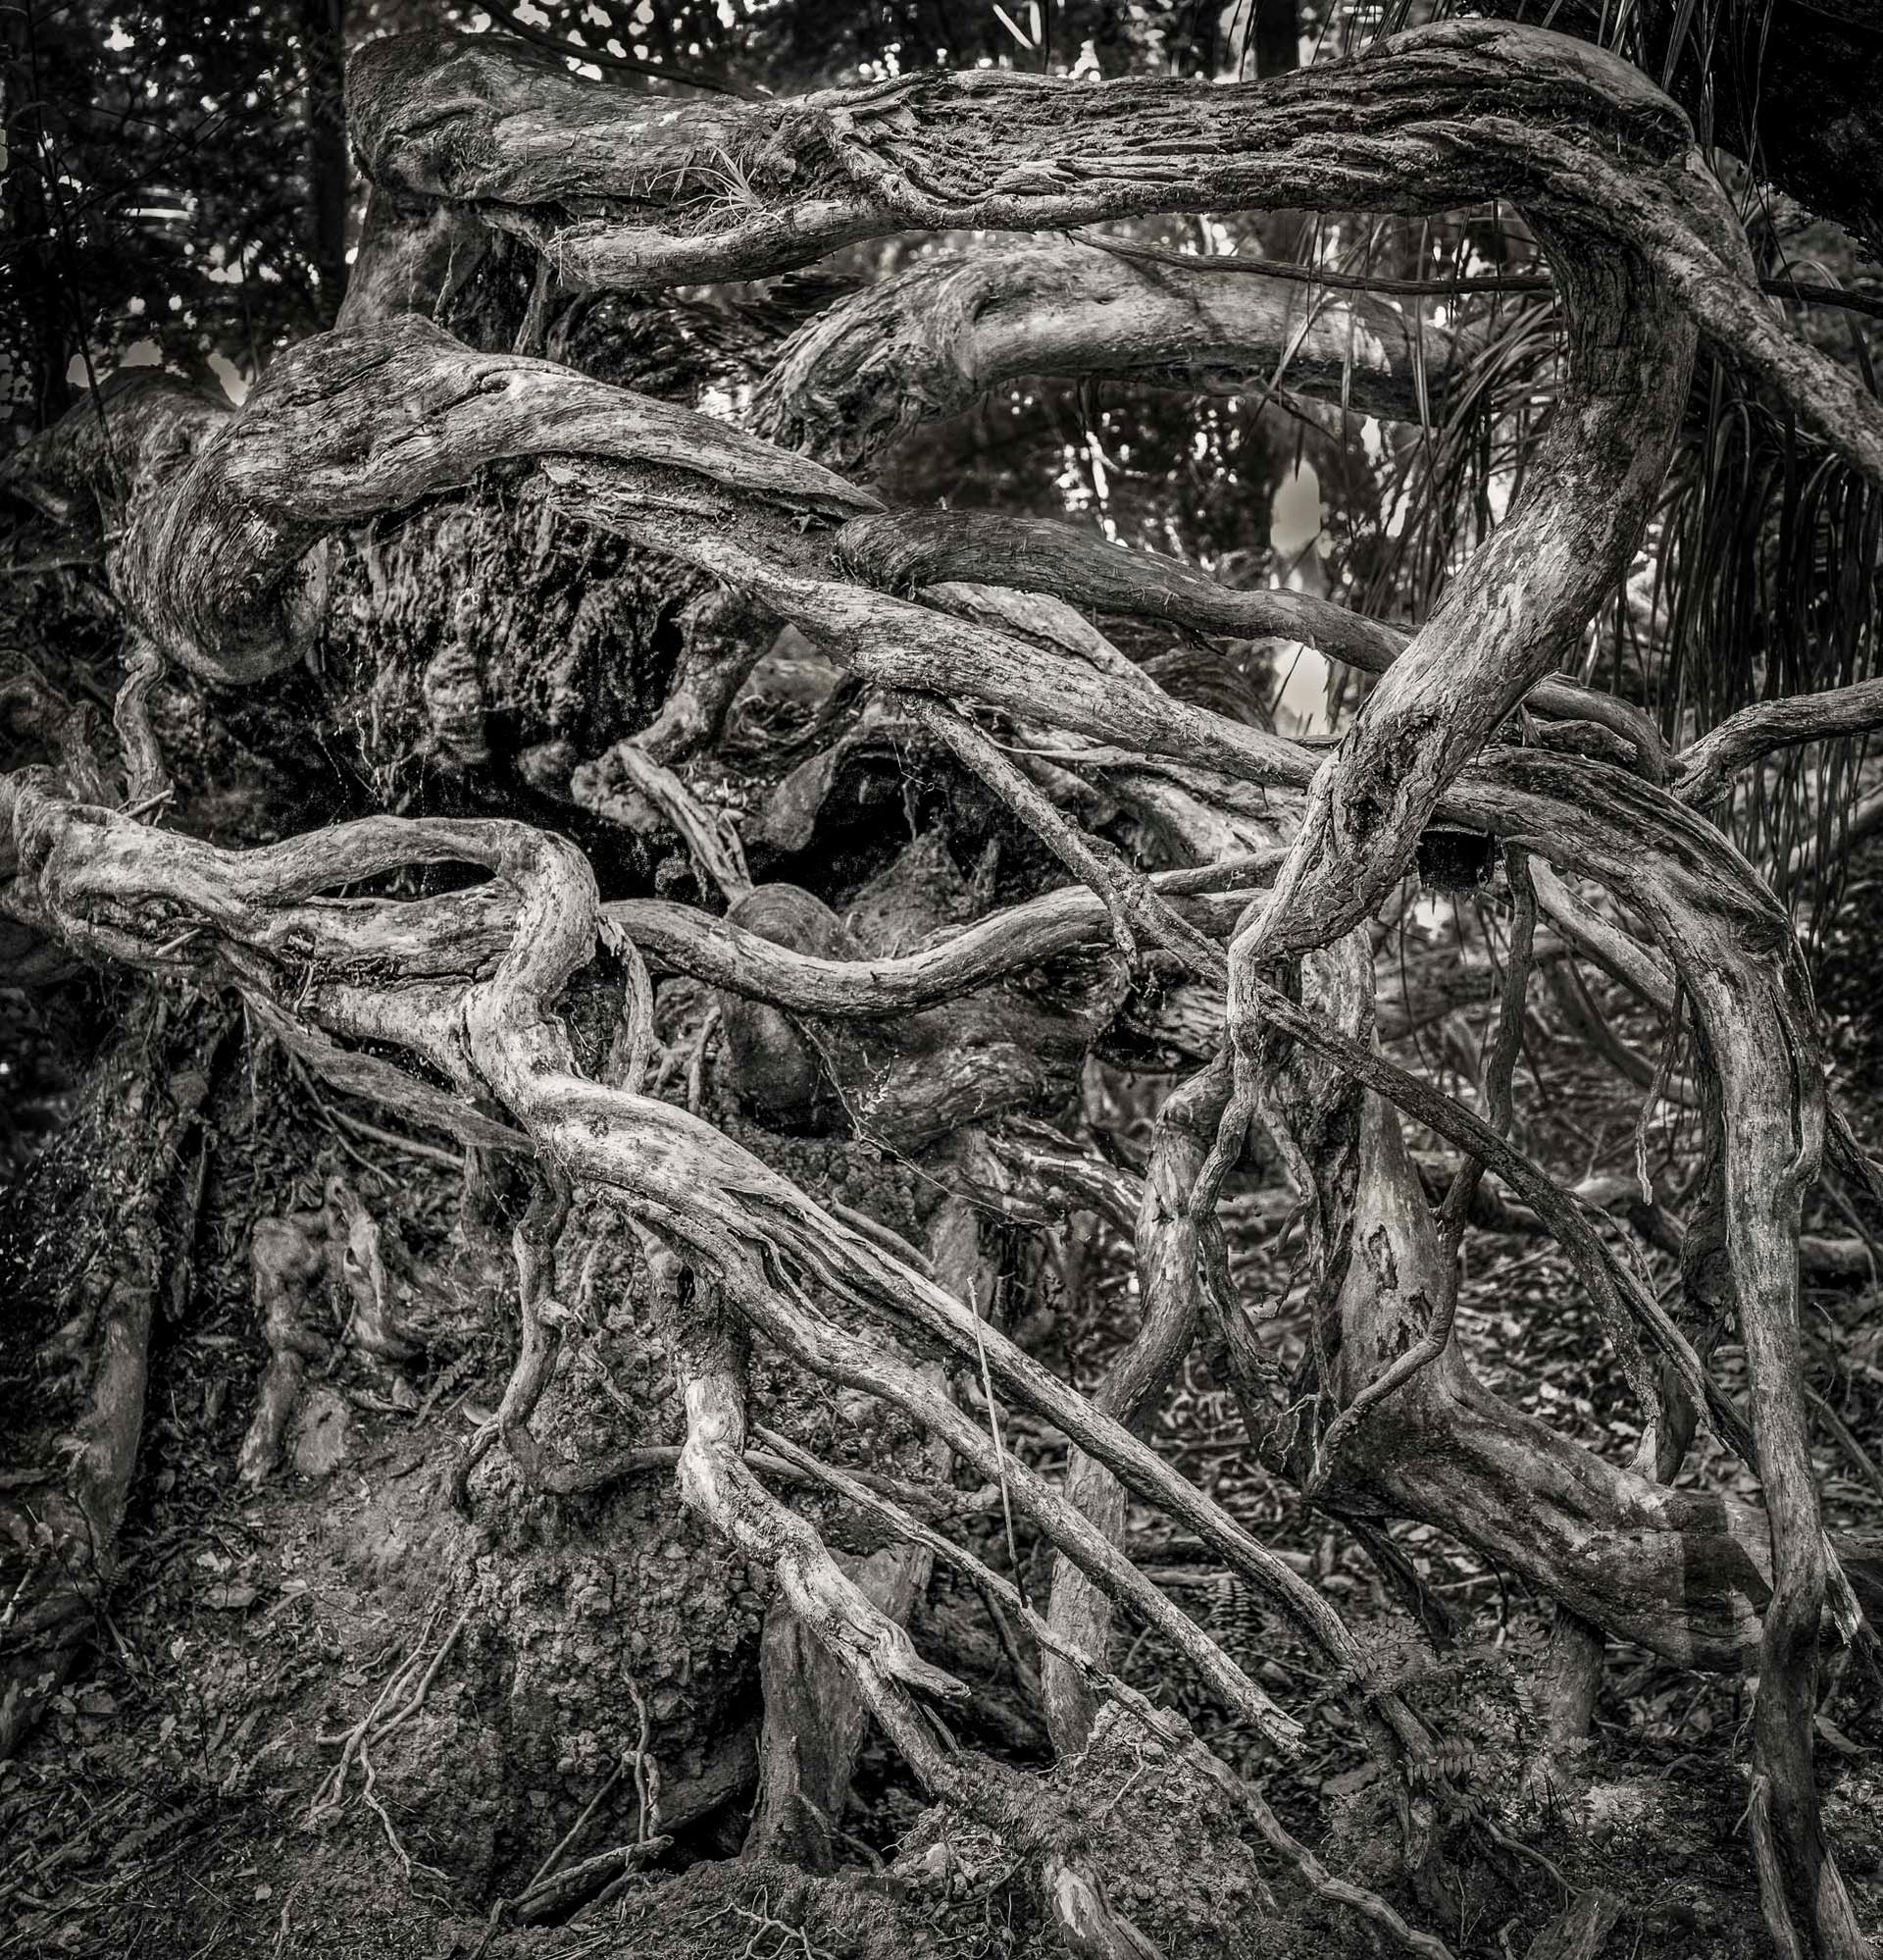 Siddho-Photography-nature-BW-5.jpg